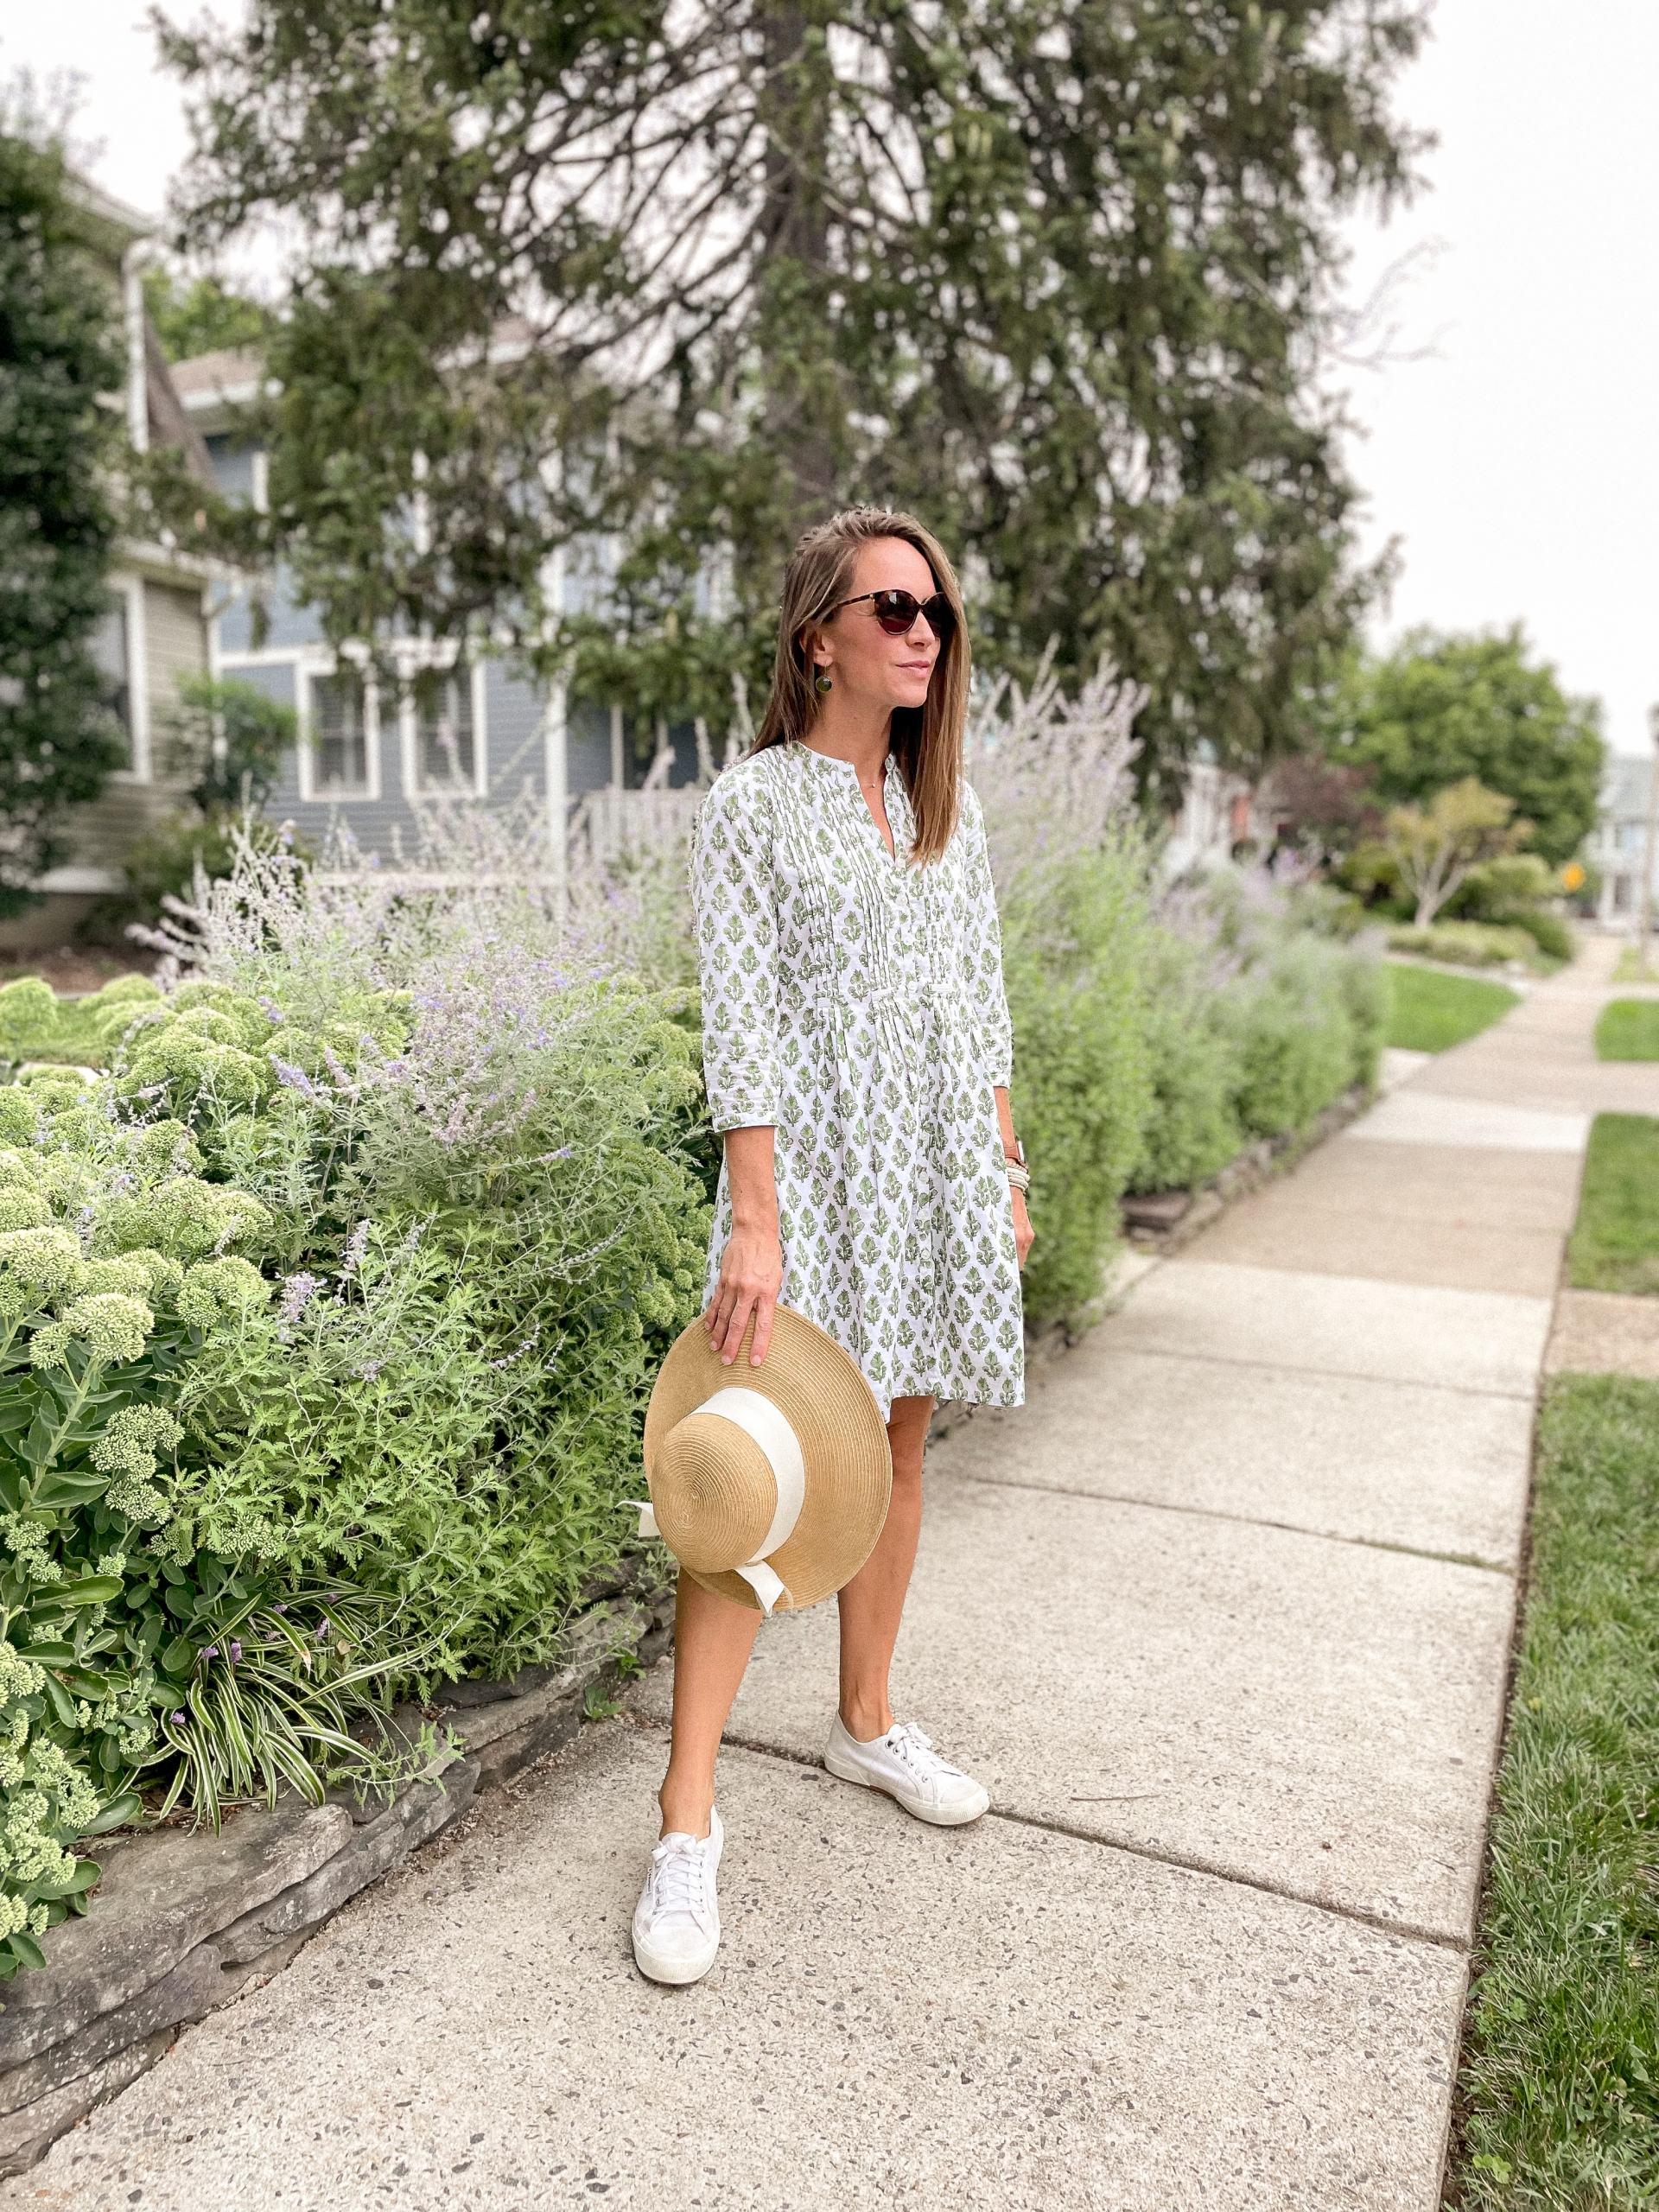 green fall dress - madison mathews dress - madison mathews juliette dress - grandmillennial style - superga cotu sneakers - mohala eyewear sunglasses - packable bow sunhat tuckernuck